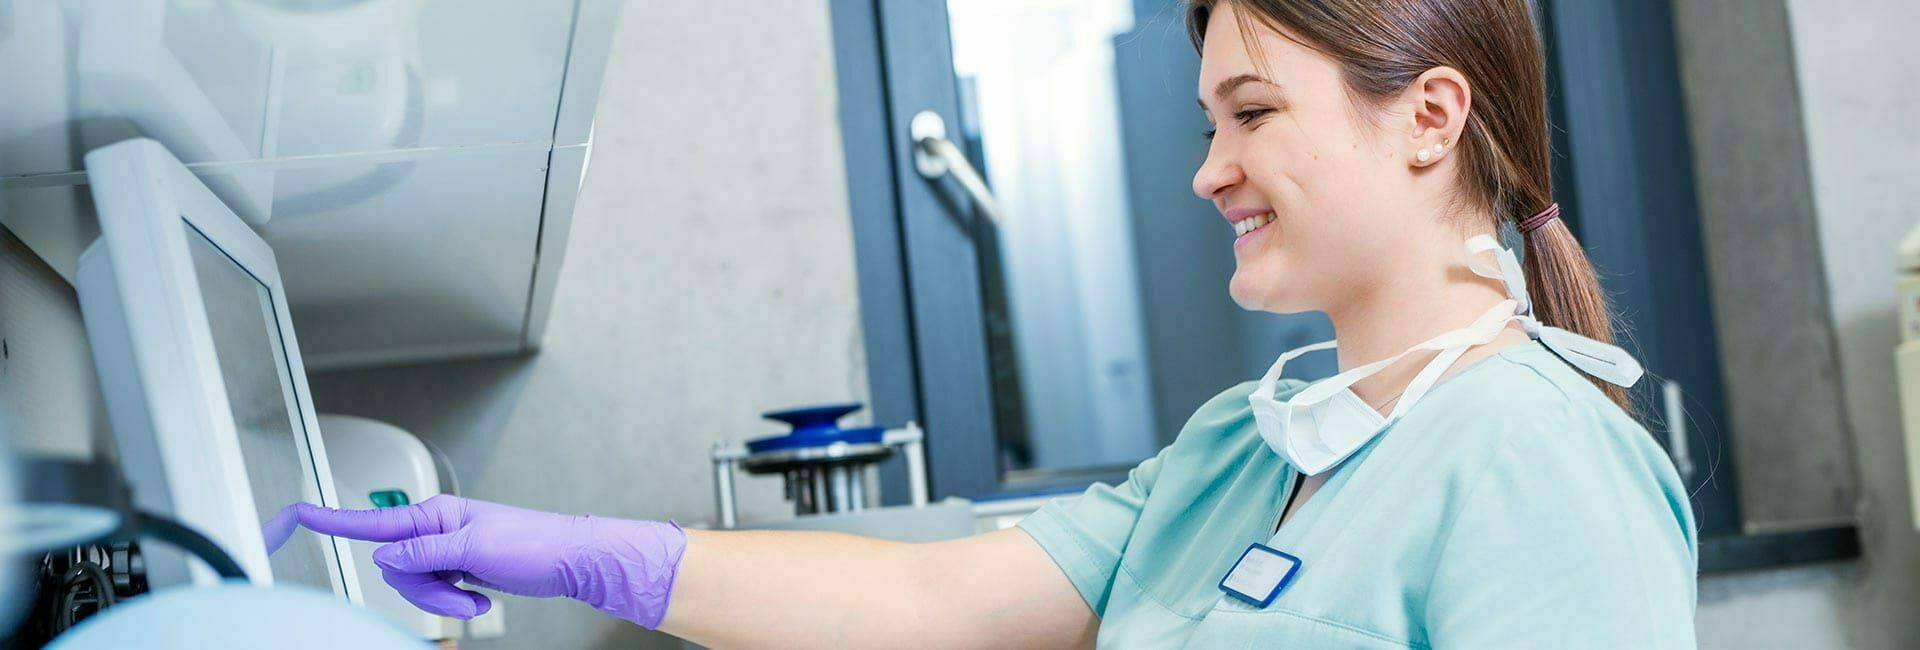 Auszubildende zur  Zahnmedizinische Fachangestellte beim Arbeiten